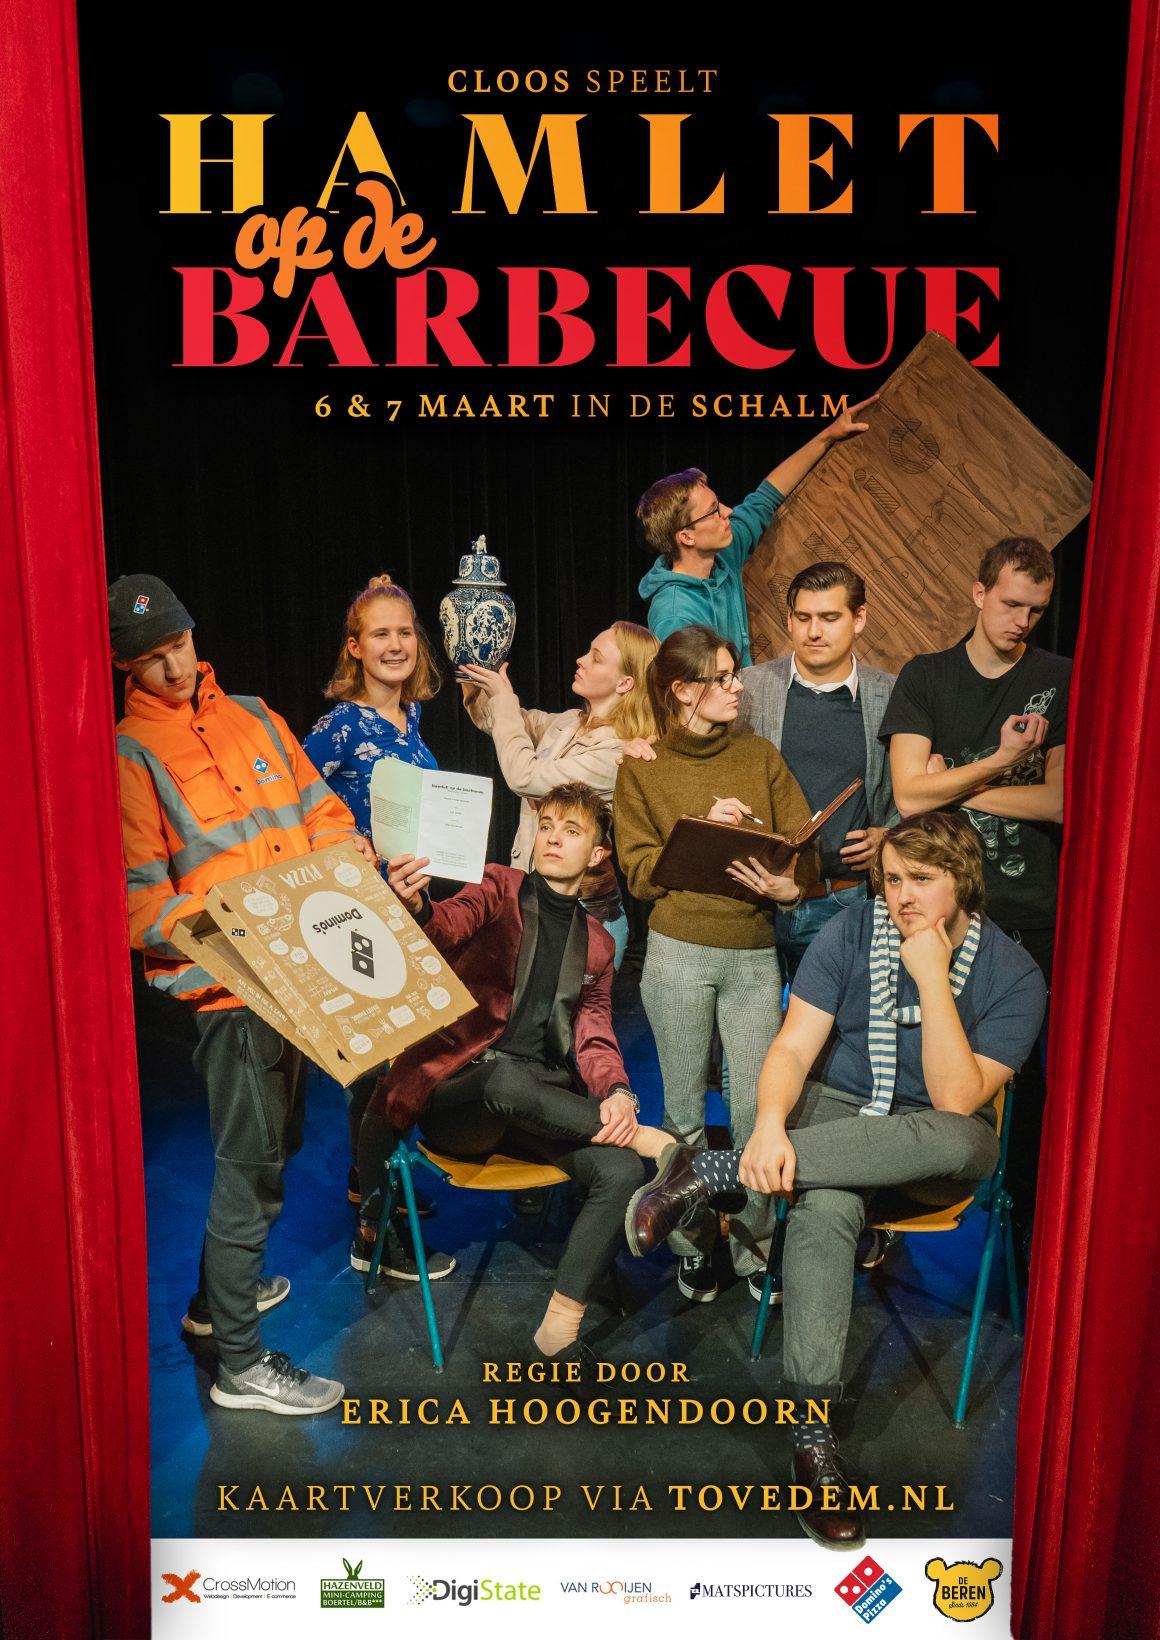 Hamlet op de barbecue